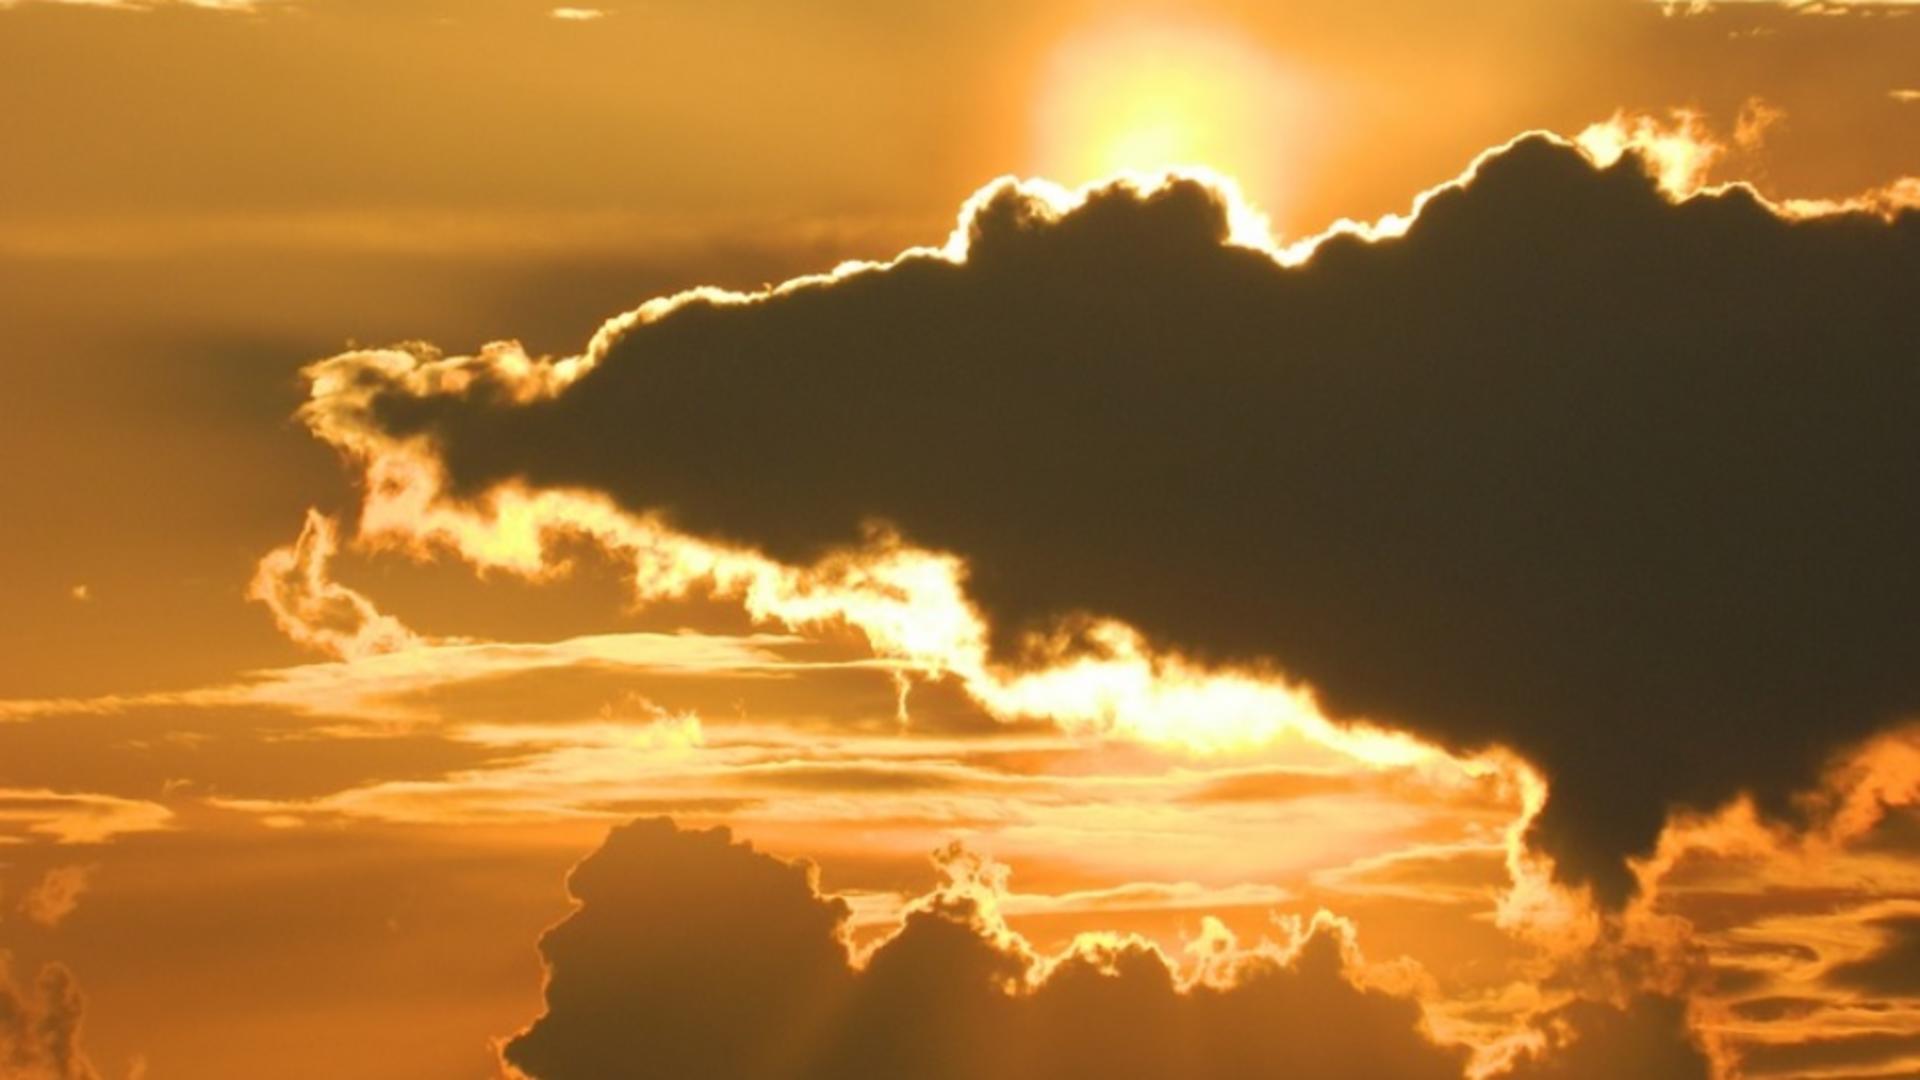 Cod galben de CANICULĂ - zile de FOC, temperaturi insuportabile. Urmează FURTUNI și VIJELII - HARTA extremelor